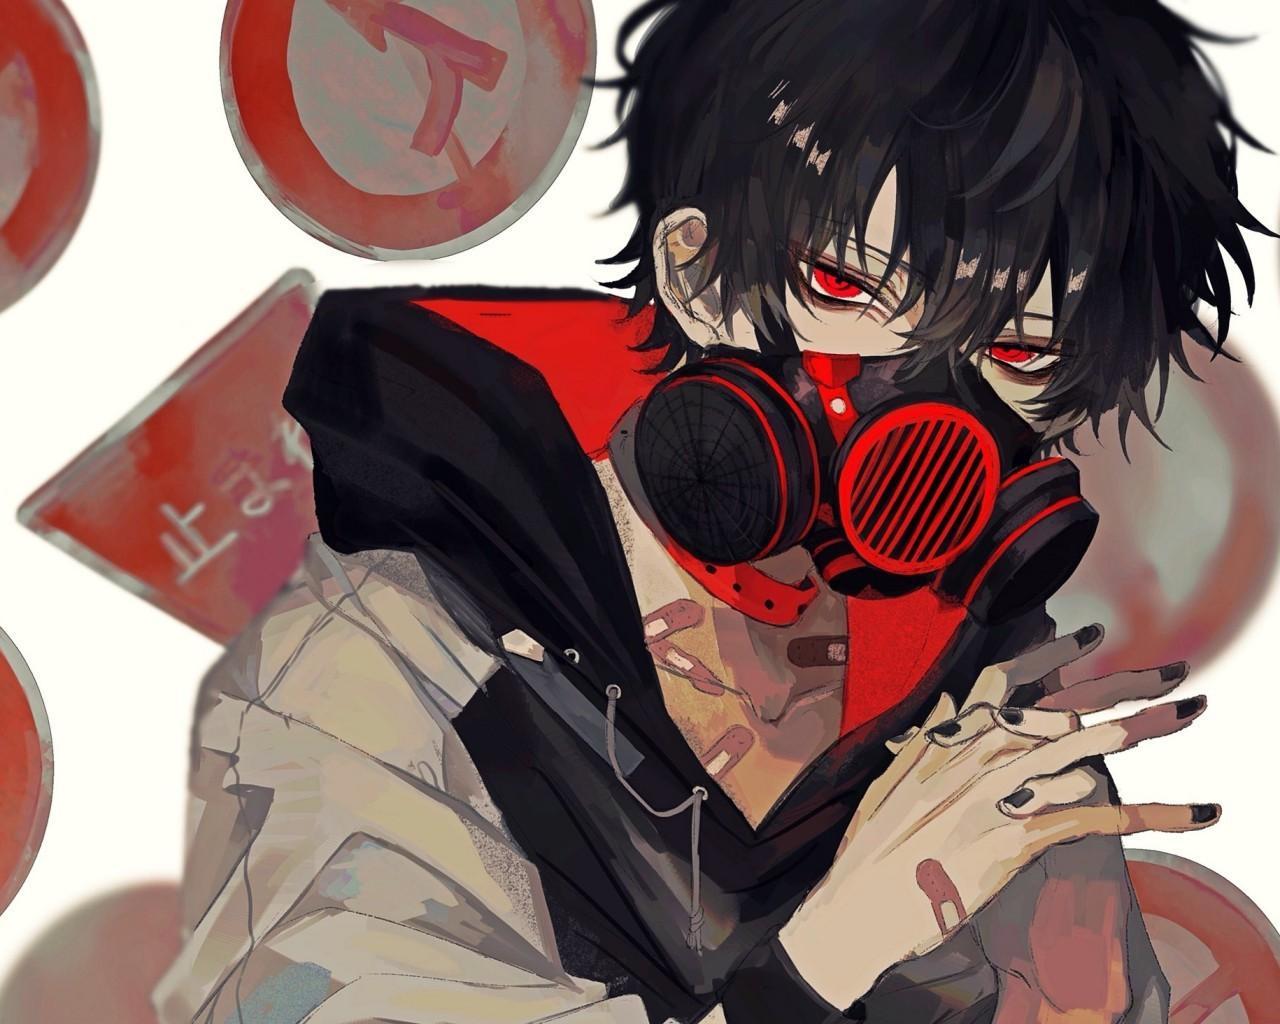 Anime boy black hair red eyes